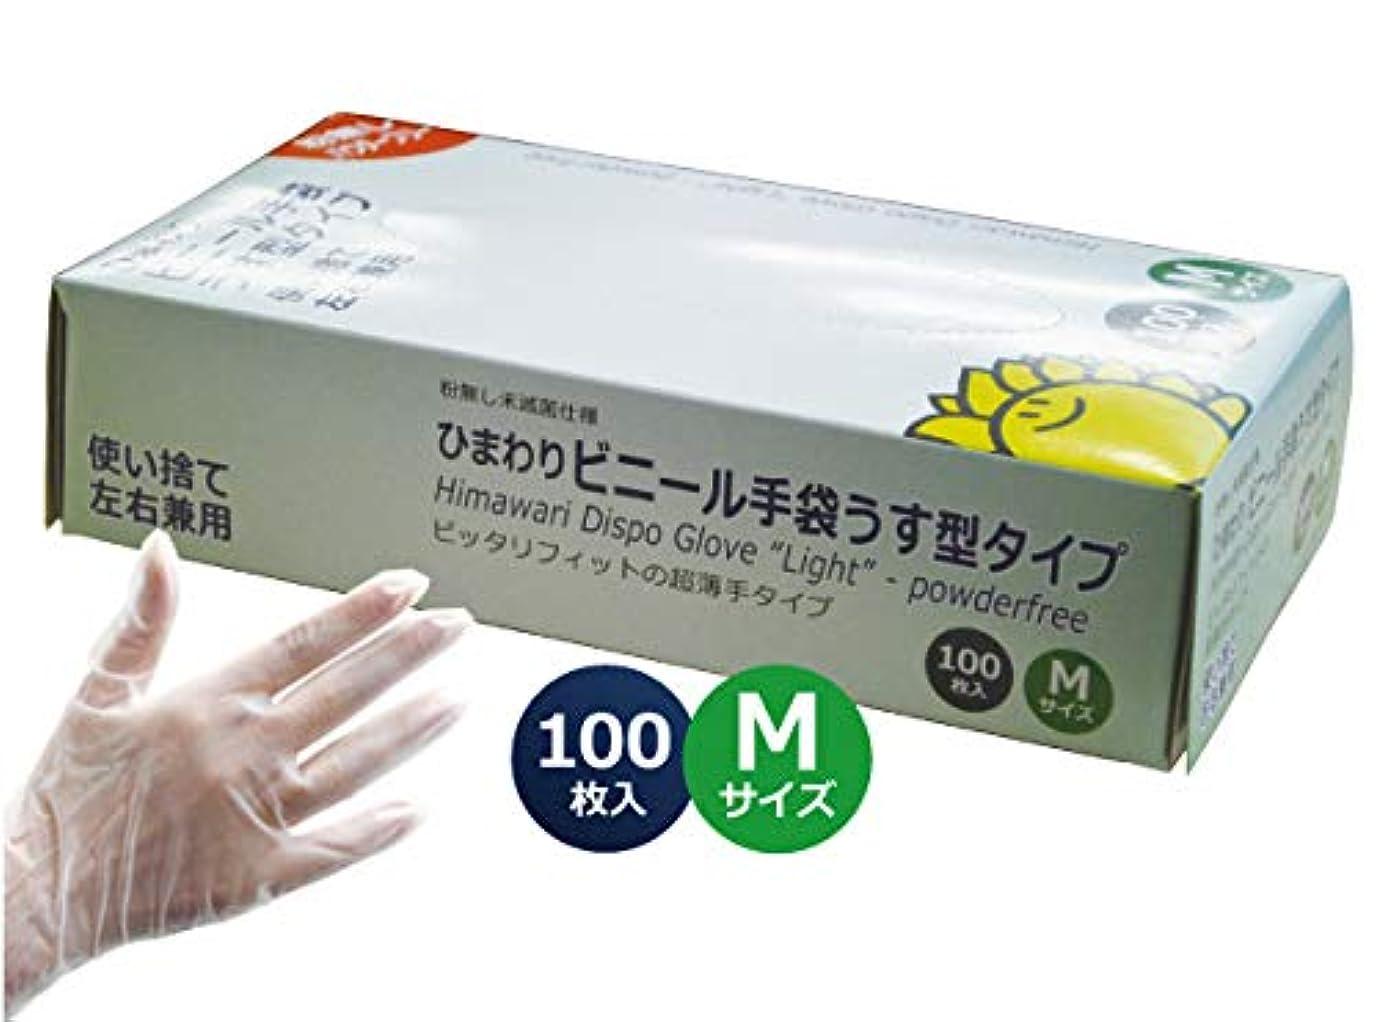 ヘクタール行ソファービニール手袋うす型タイプ パウダーフリー Mサイズ:1小箱100枚入 プラスチック手袋 グローブ 粉無し 使い捨て 左右兼用